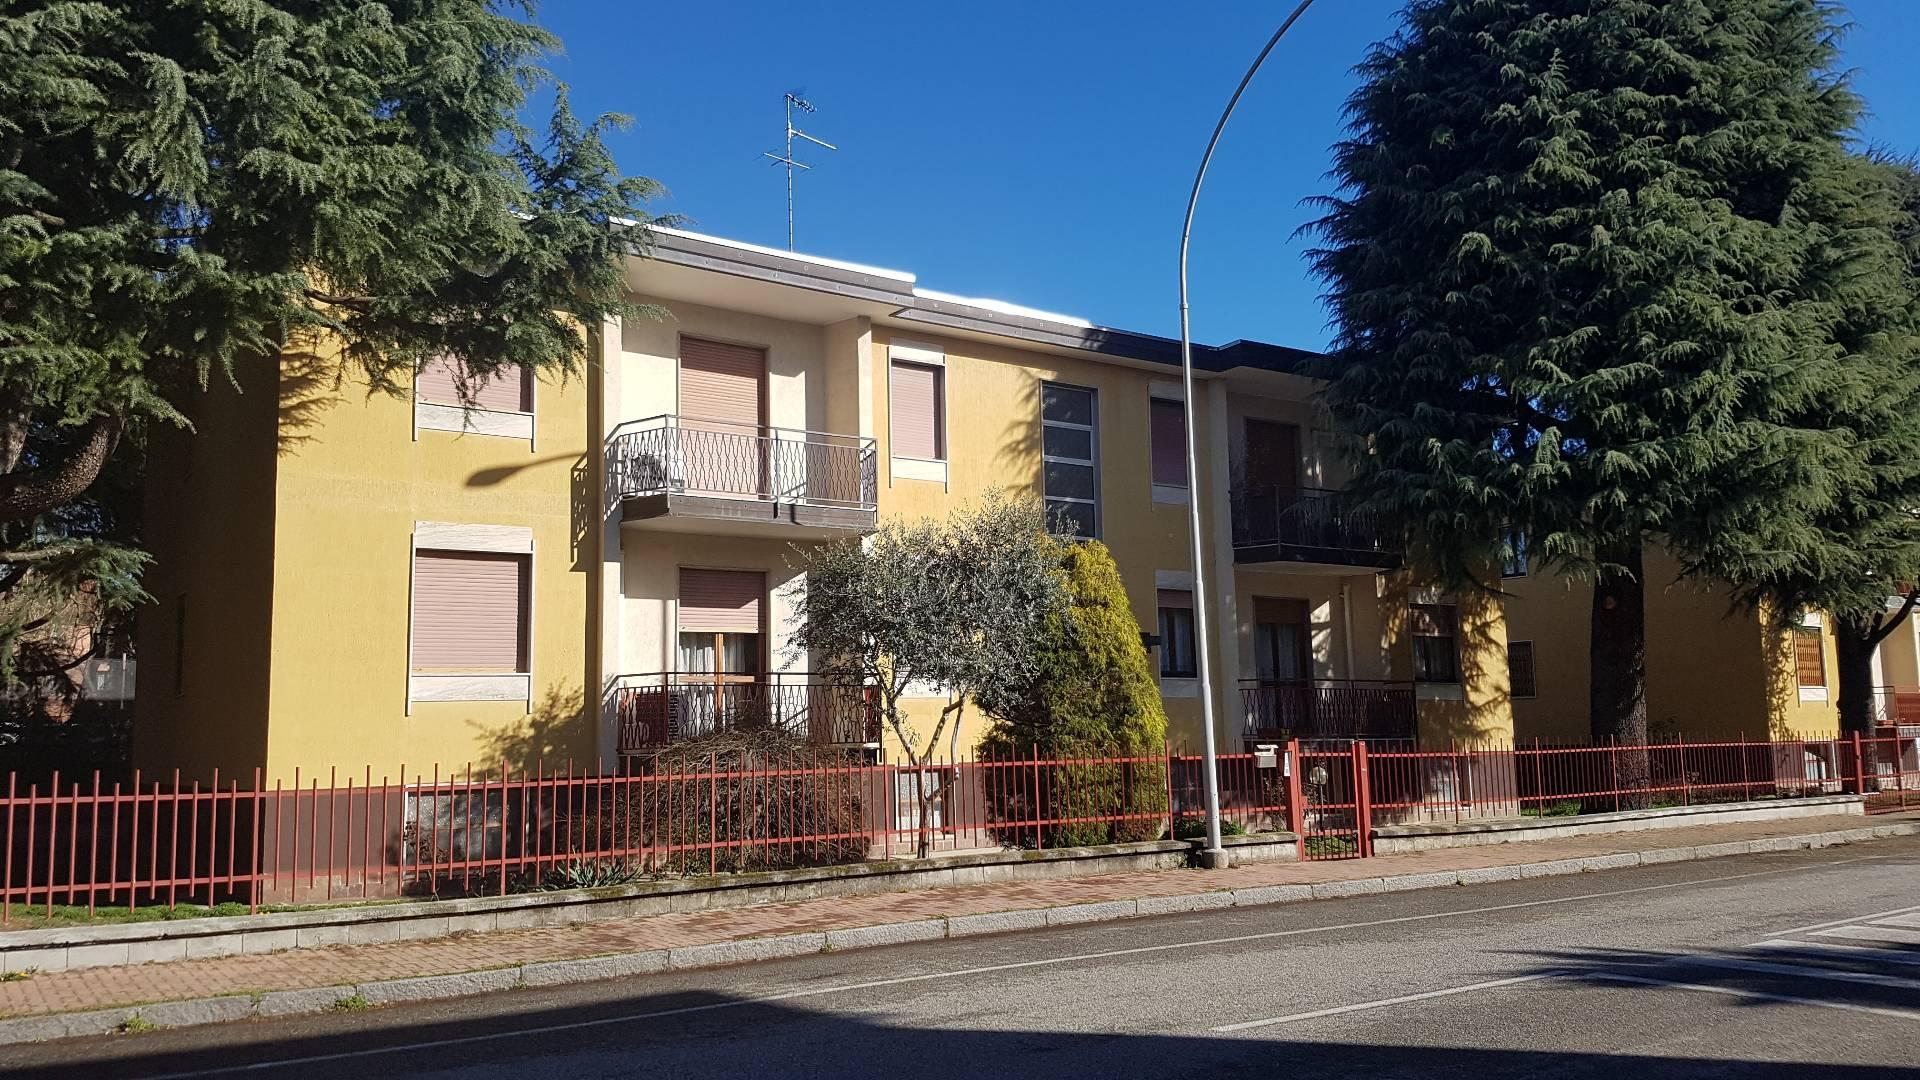 Agenzie Immobiliari Corsico agenzia immobiliare servizi immobiliari - corsico